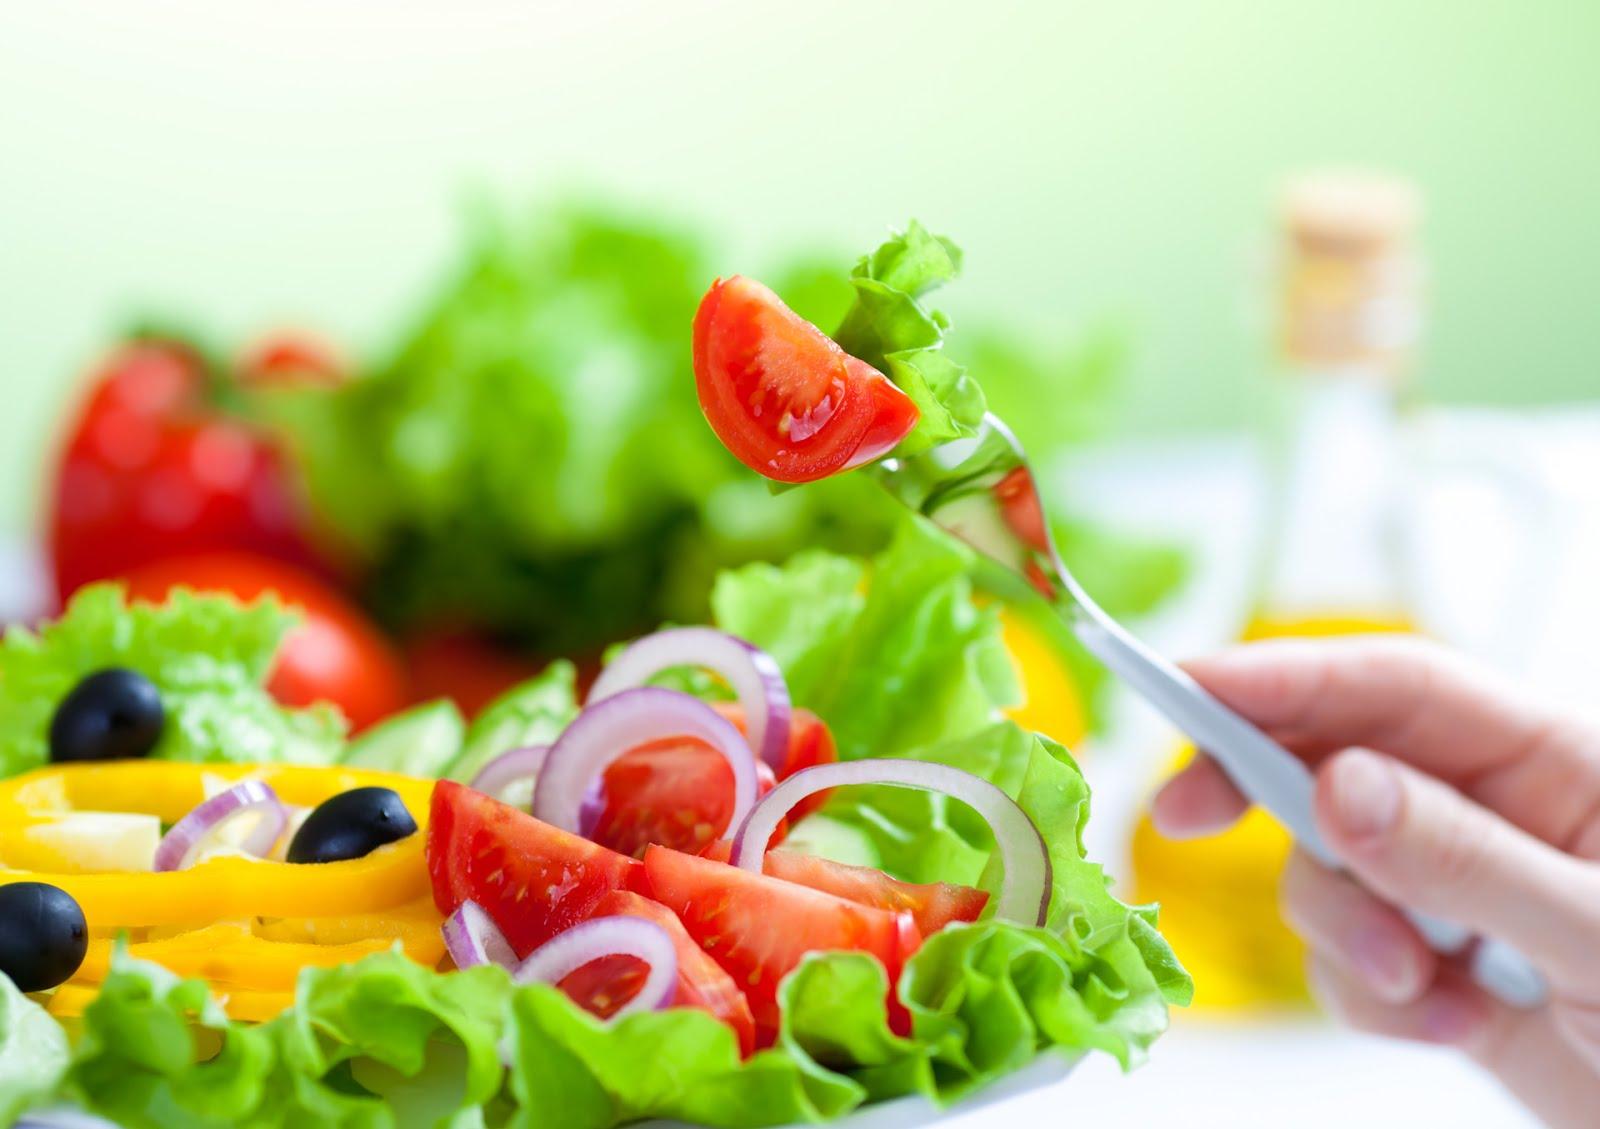 A leghasznosabb élelmiszerek